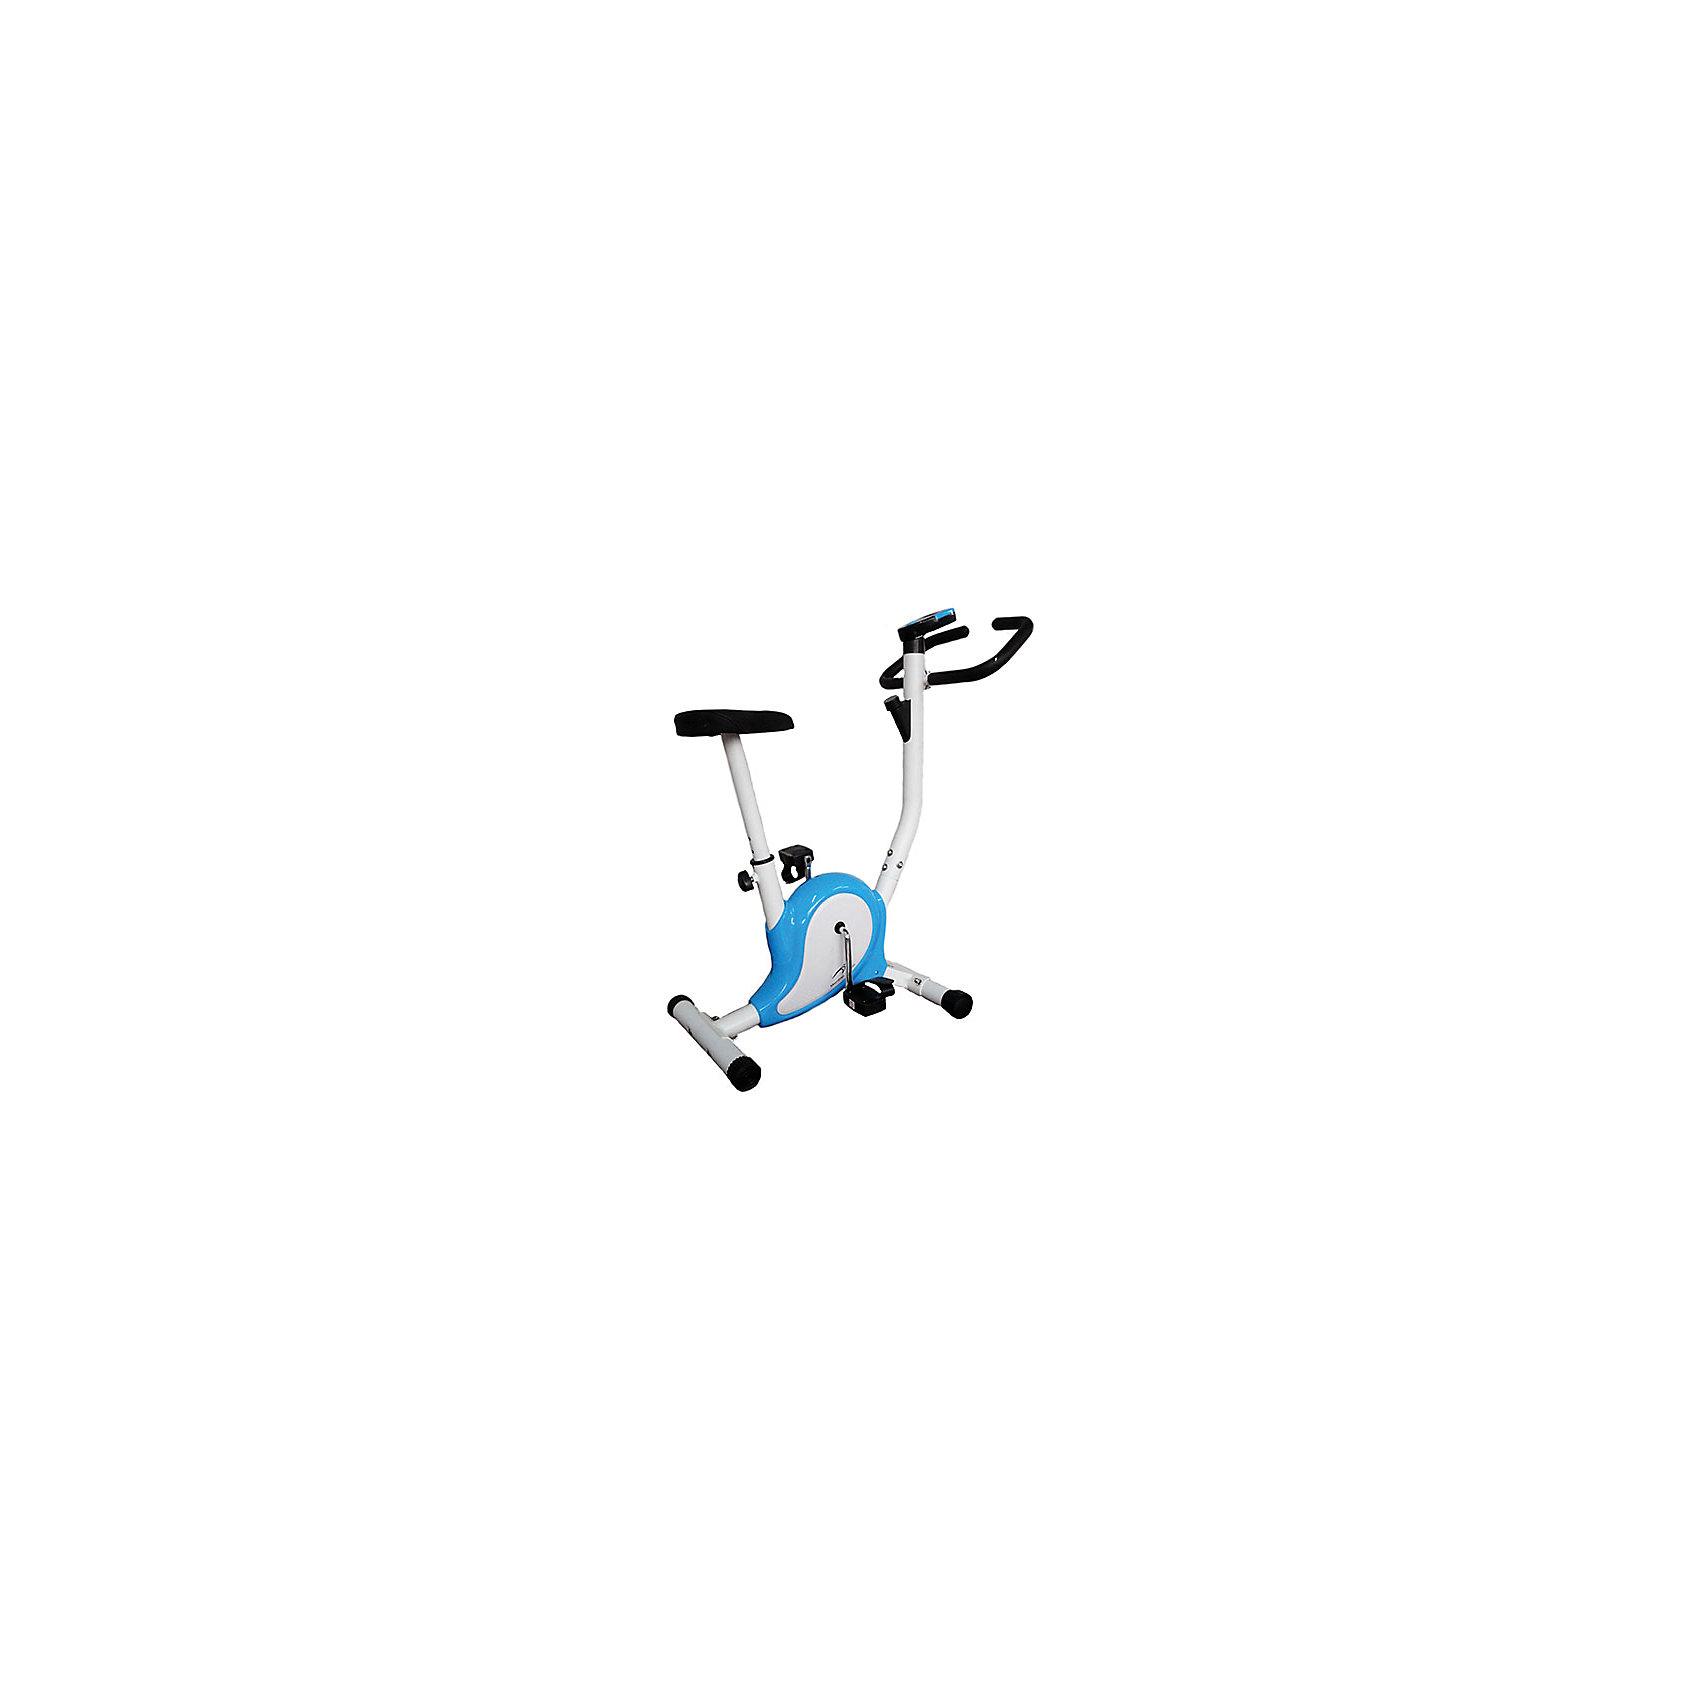 Велотренажер SE-1311, Sport ElitТренажёры<br>Велотренажер SE-1311<br>Ременный велотренажер Sport Elit - 1311 обладает современным динамичным дизайном. Простая, но, в то же время, очень эффективная конструкция, механический тип торможения и управления нагрузкой делает этот тренажер очень эффективным в работе и долговечным. Он попросту не может сломаться, в нем все отлично продумано и подогнано друг под друга. <br>Несмотря на свой механический тип ременный велотренажер Sport Elit - 1311 снабжен компьютером для измерения дистанции, скорости, времени и количества потраченных калорий. Все параметры тренировки регулярно замеряются и отображаются на экране каждые 6 секунд. Большие нескользящие педали с ремешком и регулировка сидения: по вертикали, позволят любому члену семьи получить удовольствие от занятий на этом замечательном тренажере.<br>. <br><br>Основные характеристики<br>Использование:Домашнее<br>Тип:вертикальный<br>Система нагрузки:ременная<br>Максимальный вес пользователя:80 кг<br>Измерение пульса:Нет<br>Количество уровней нагрузки:8<br>Разработка и дизайн:Тайвань<br>Страна производитель:Китай<br>Монитор и программы<br>Показания консоли:Время тренировки, пройденная дистанция, скорость, расход калорий<br>Количество программ:Программы отсутствуют<br>Спецификации программ:Нет<br>Специальные программные возможности:Нет<br>Многоязычный интерфейс:Нет<br>Интеграция:Нет<br>Дополнительные характеристики<br>Педальный узел:Однокомпонентный<br>Транспортировочные ролики:Нет<br>Возможность программирования тренировки:Нет<br>Регулировка руля:Нет<br>Регулировка положения сиденияпо вертикали<br>Сидение:Мягкое с гелиевым наполнителем<br>Питание:Не требует подключения к сети<br>Габариты и вес тренажера<br>Вес тренажера:12 кг<br>Маховик:НЕТ<br>Габариты тренажера:70 х 46 х 99 см<br>Гарантия:18 месяцев<br><br>.<br><br>Ширина мм: 640<br>Глубина мм: 470<br>Высота мм: 240<br>Вес г: 13000<br>Возраст от месяцев: 120<br>Возраст до месяцев: 1188<br>Пол: Унисекс<br>Возраст: Детский<br>SKU: 55